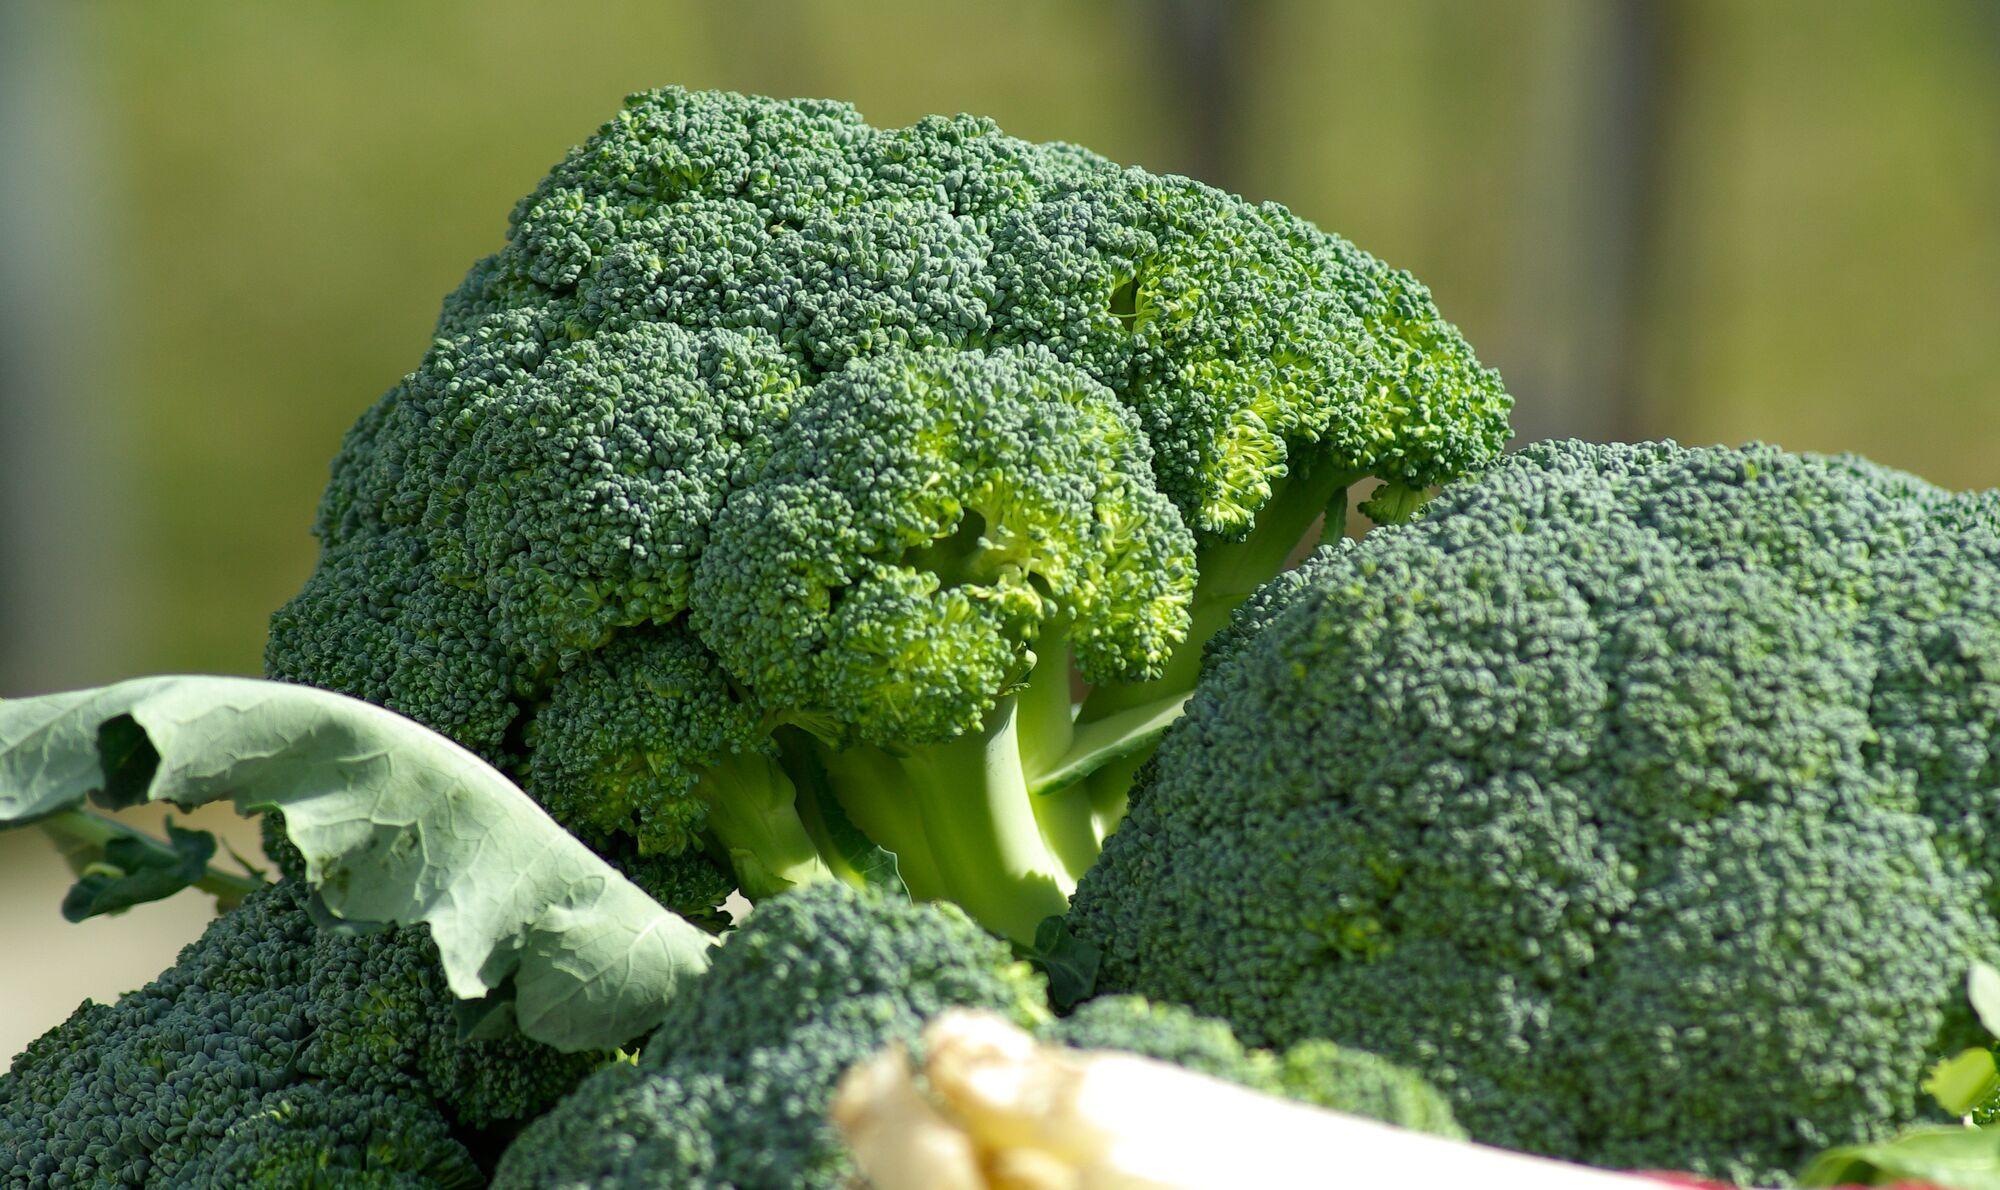 Брокколи содержит много клетчатки, витаминов A, C, E и калия